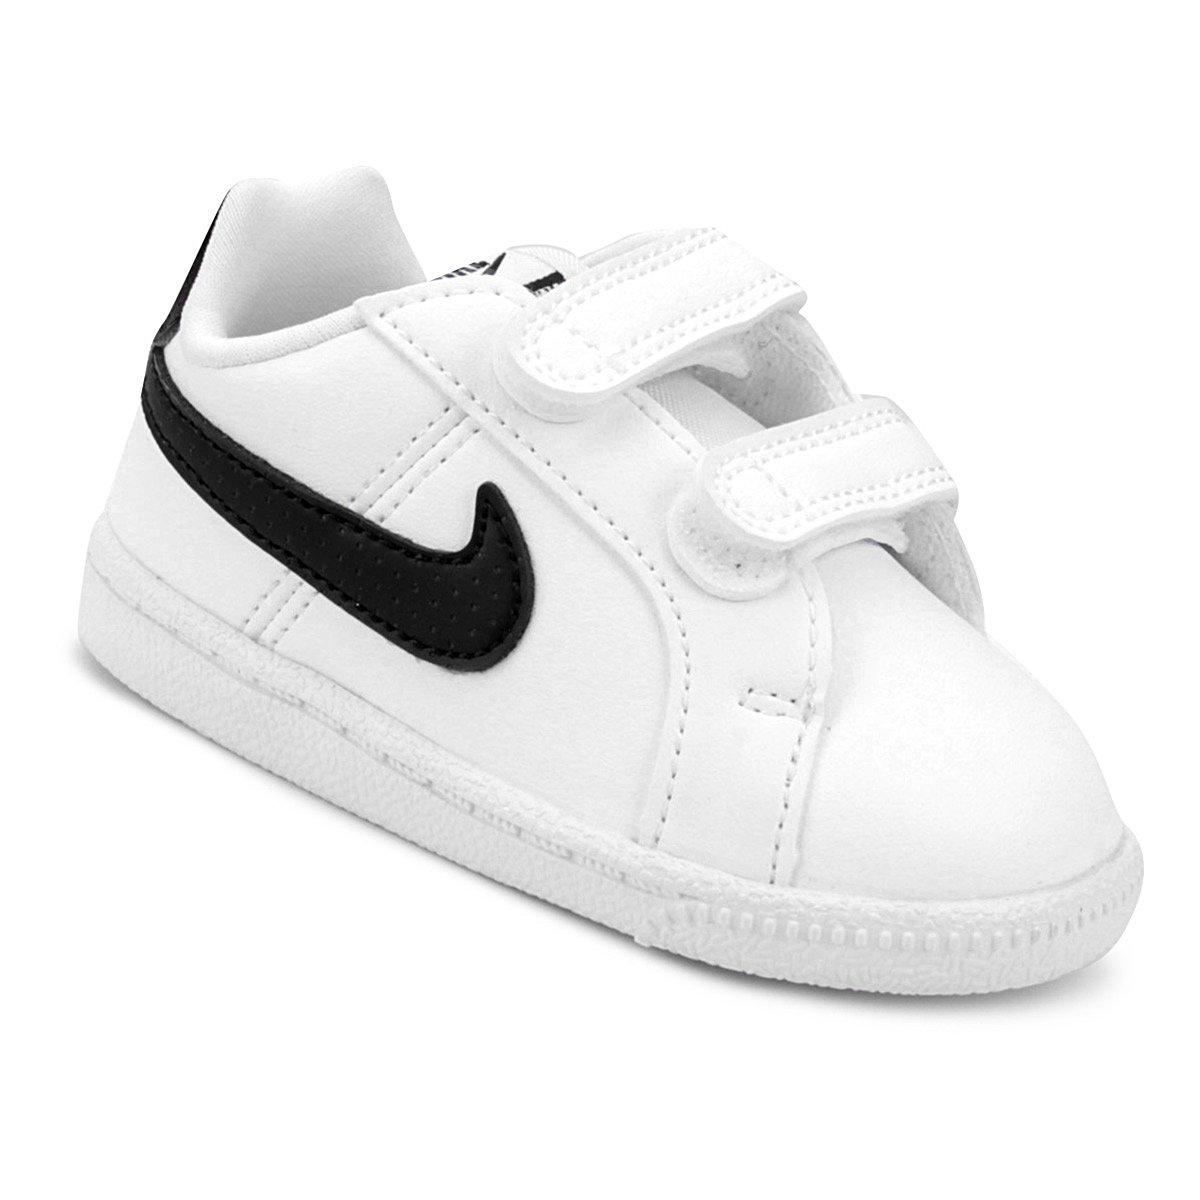 a4055961a9 Tênis Infantil Couro Nike Court Royale Sl Masculino - Branco e Preto ...